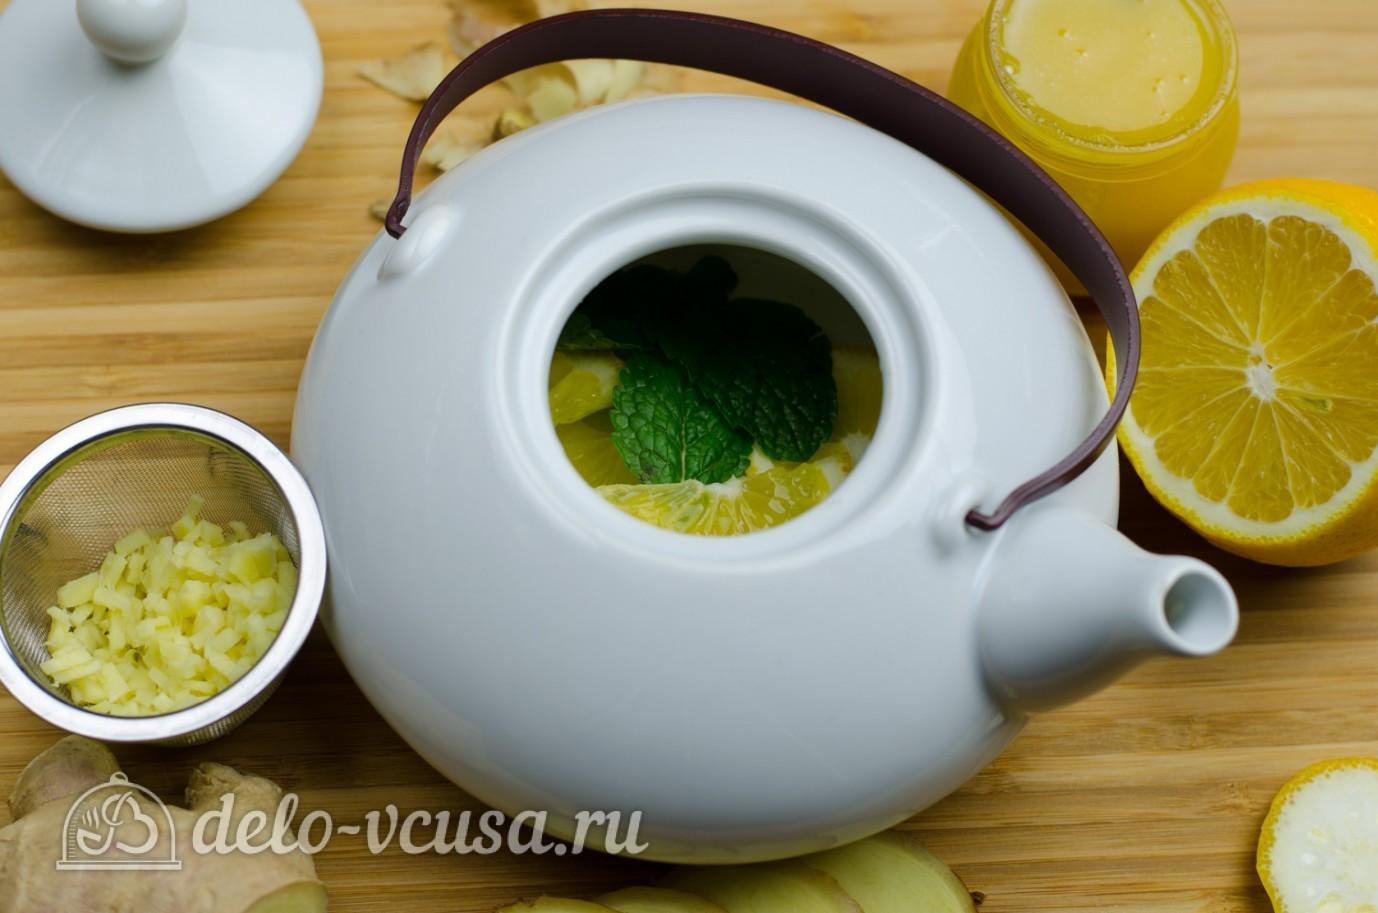 Тех. приготовления чая с лимоном